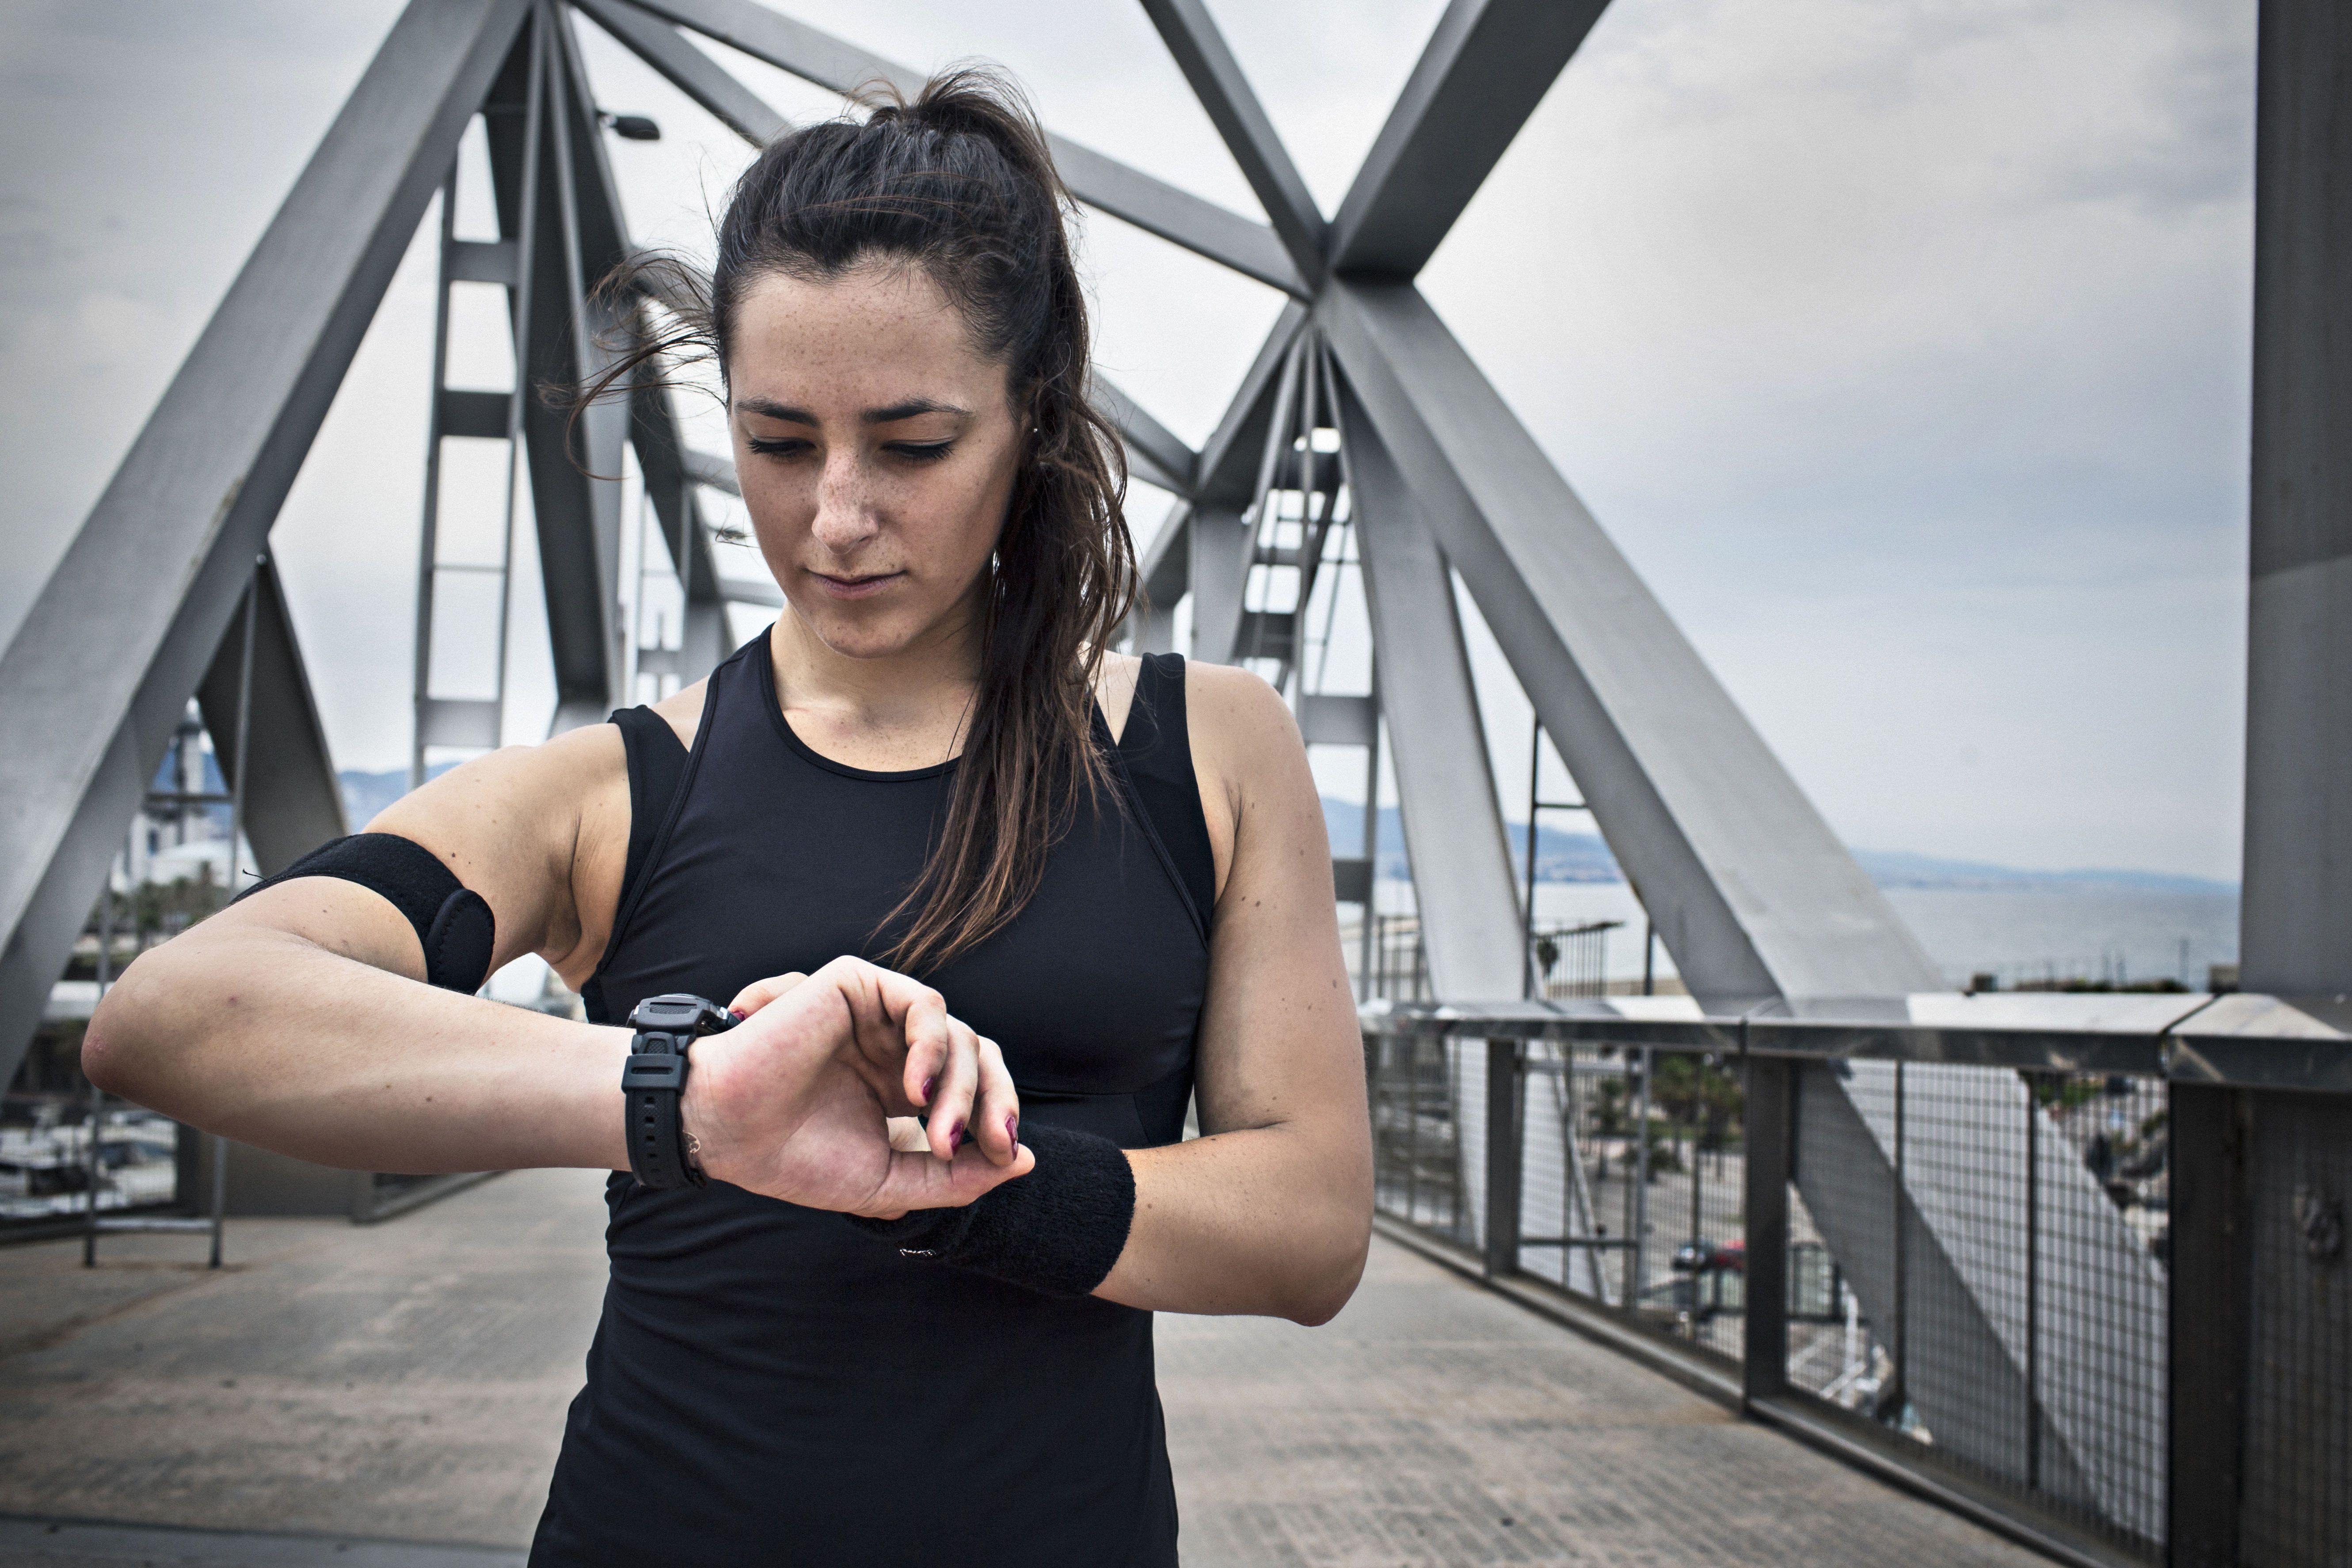 runner heart rate